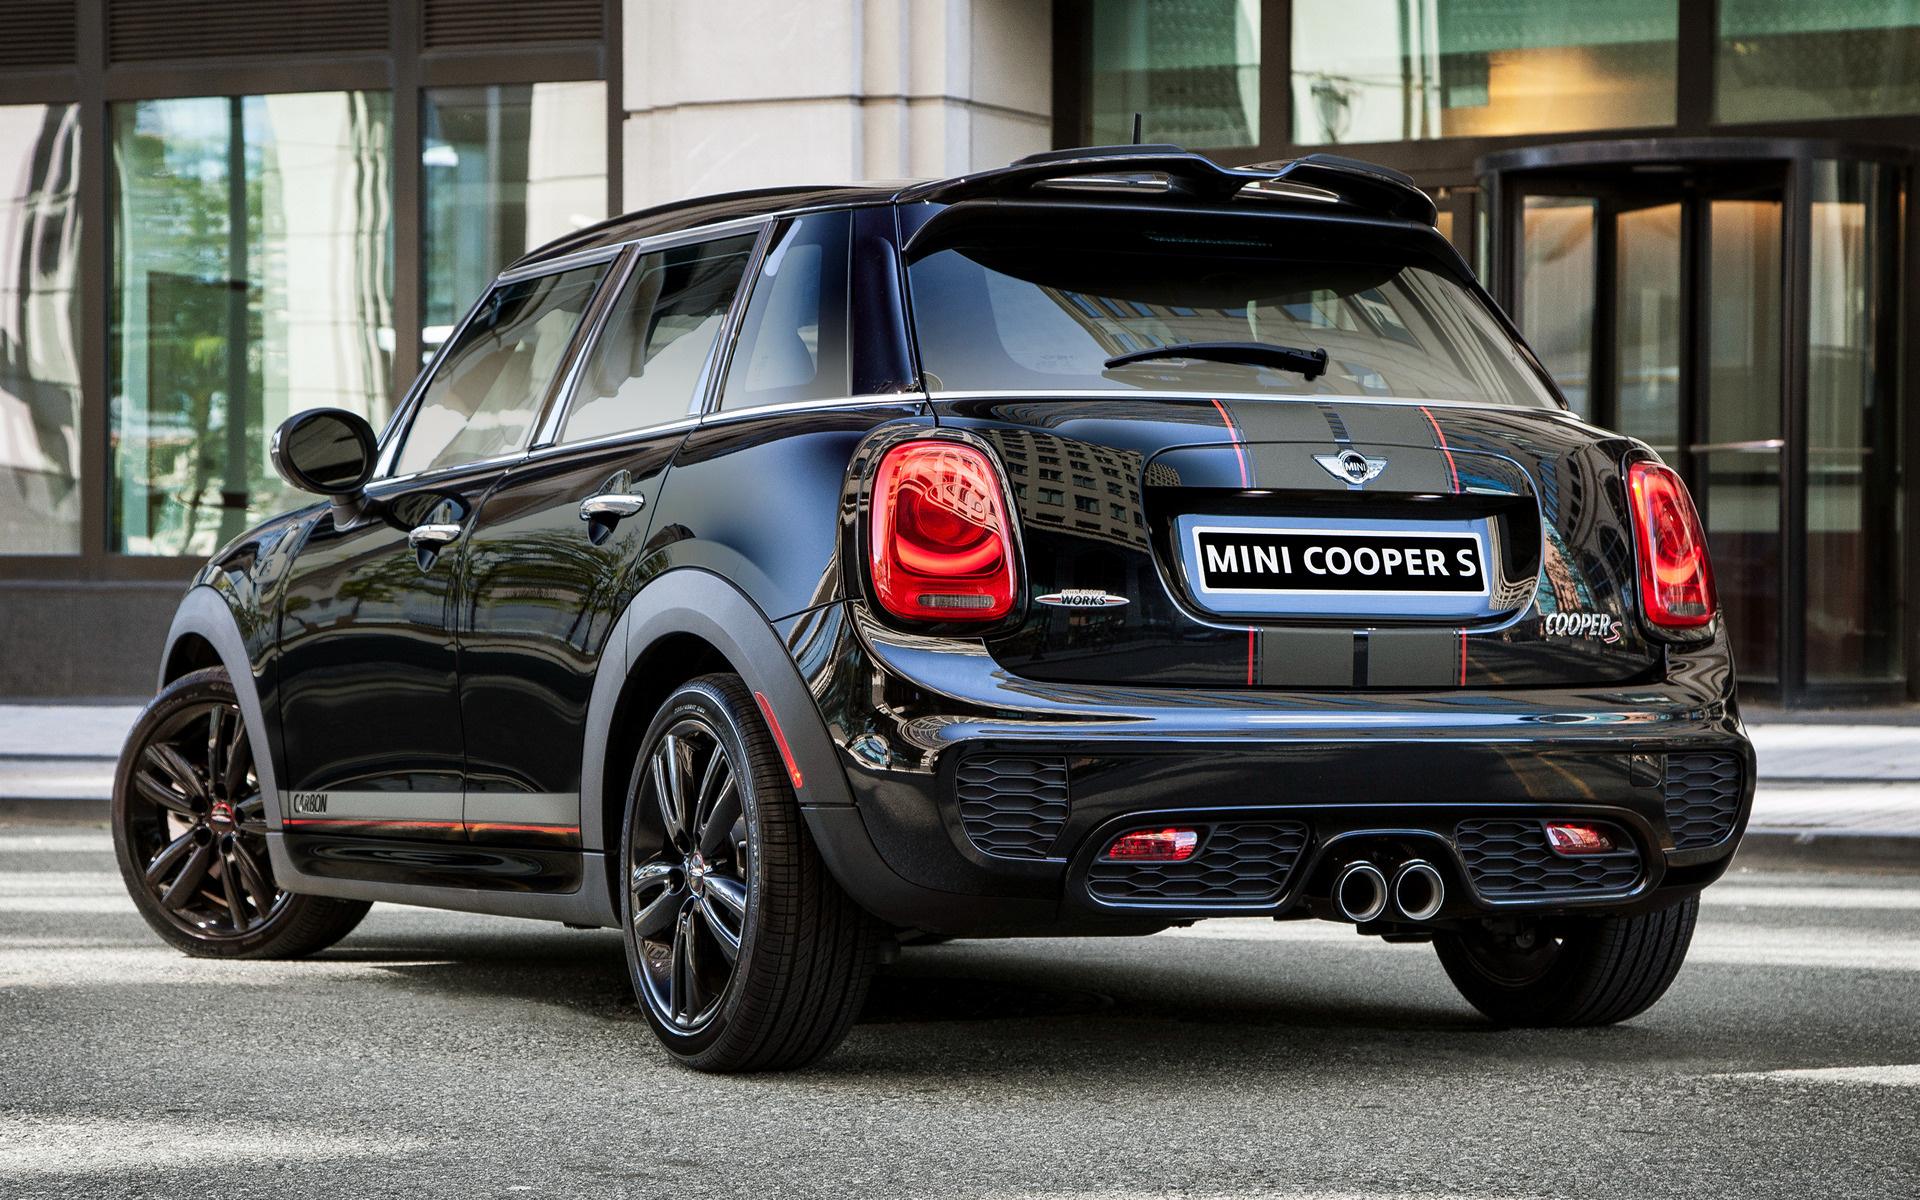 Mini Cooper S Carbon Edition 5